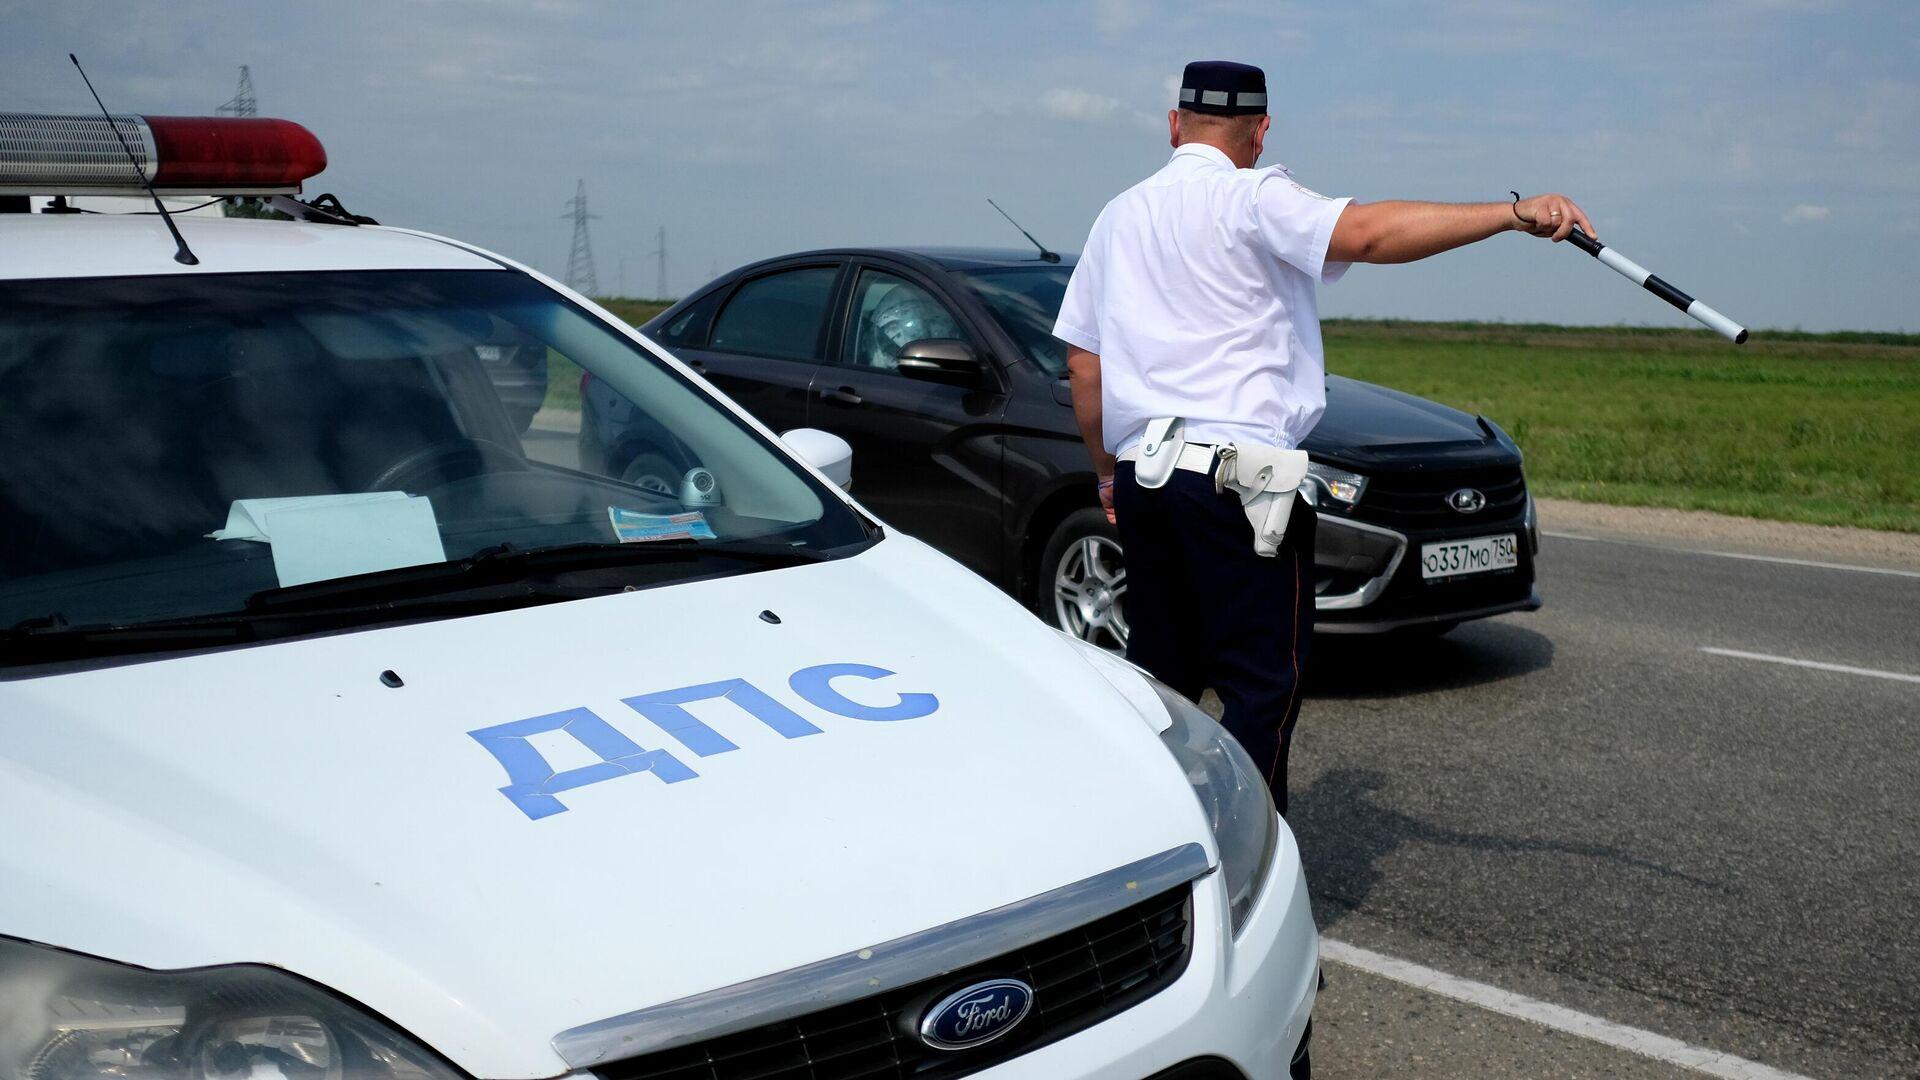 В Иркутске водитель-экстремал попал в ДТП и погиб на месте, пытаясь скрыться от полиции